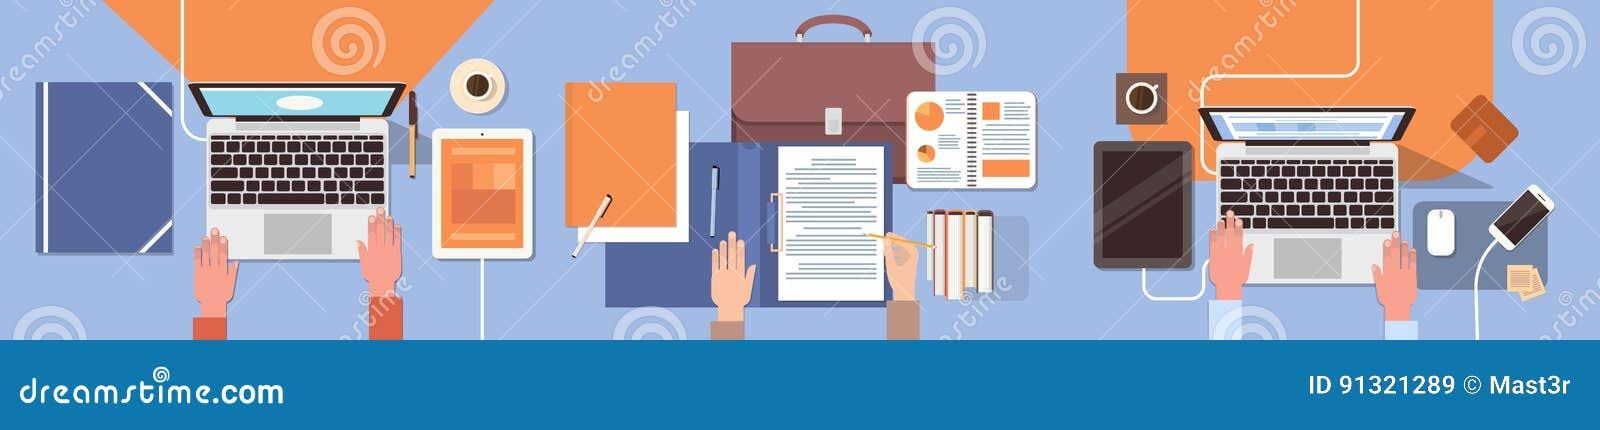 Рабочего места бизнесмены рук стола работая сыгранность офиса взгляда верхнего угла компьтер-книжки и планшета